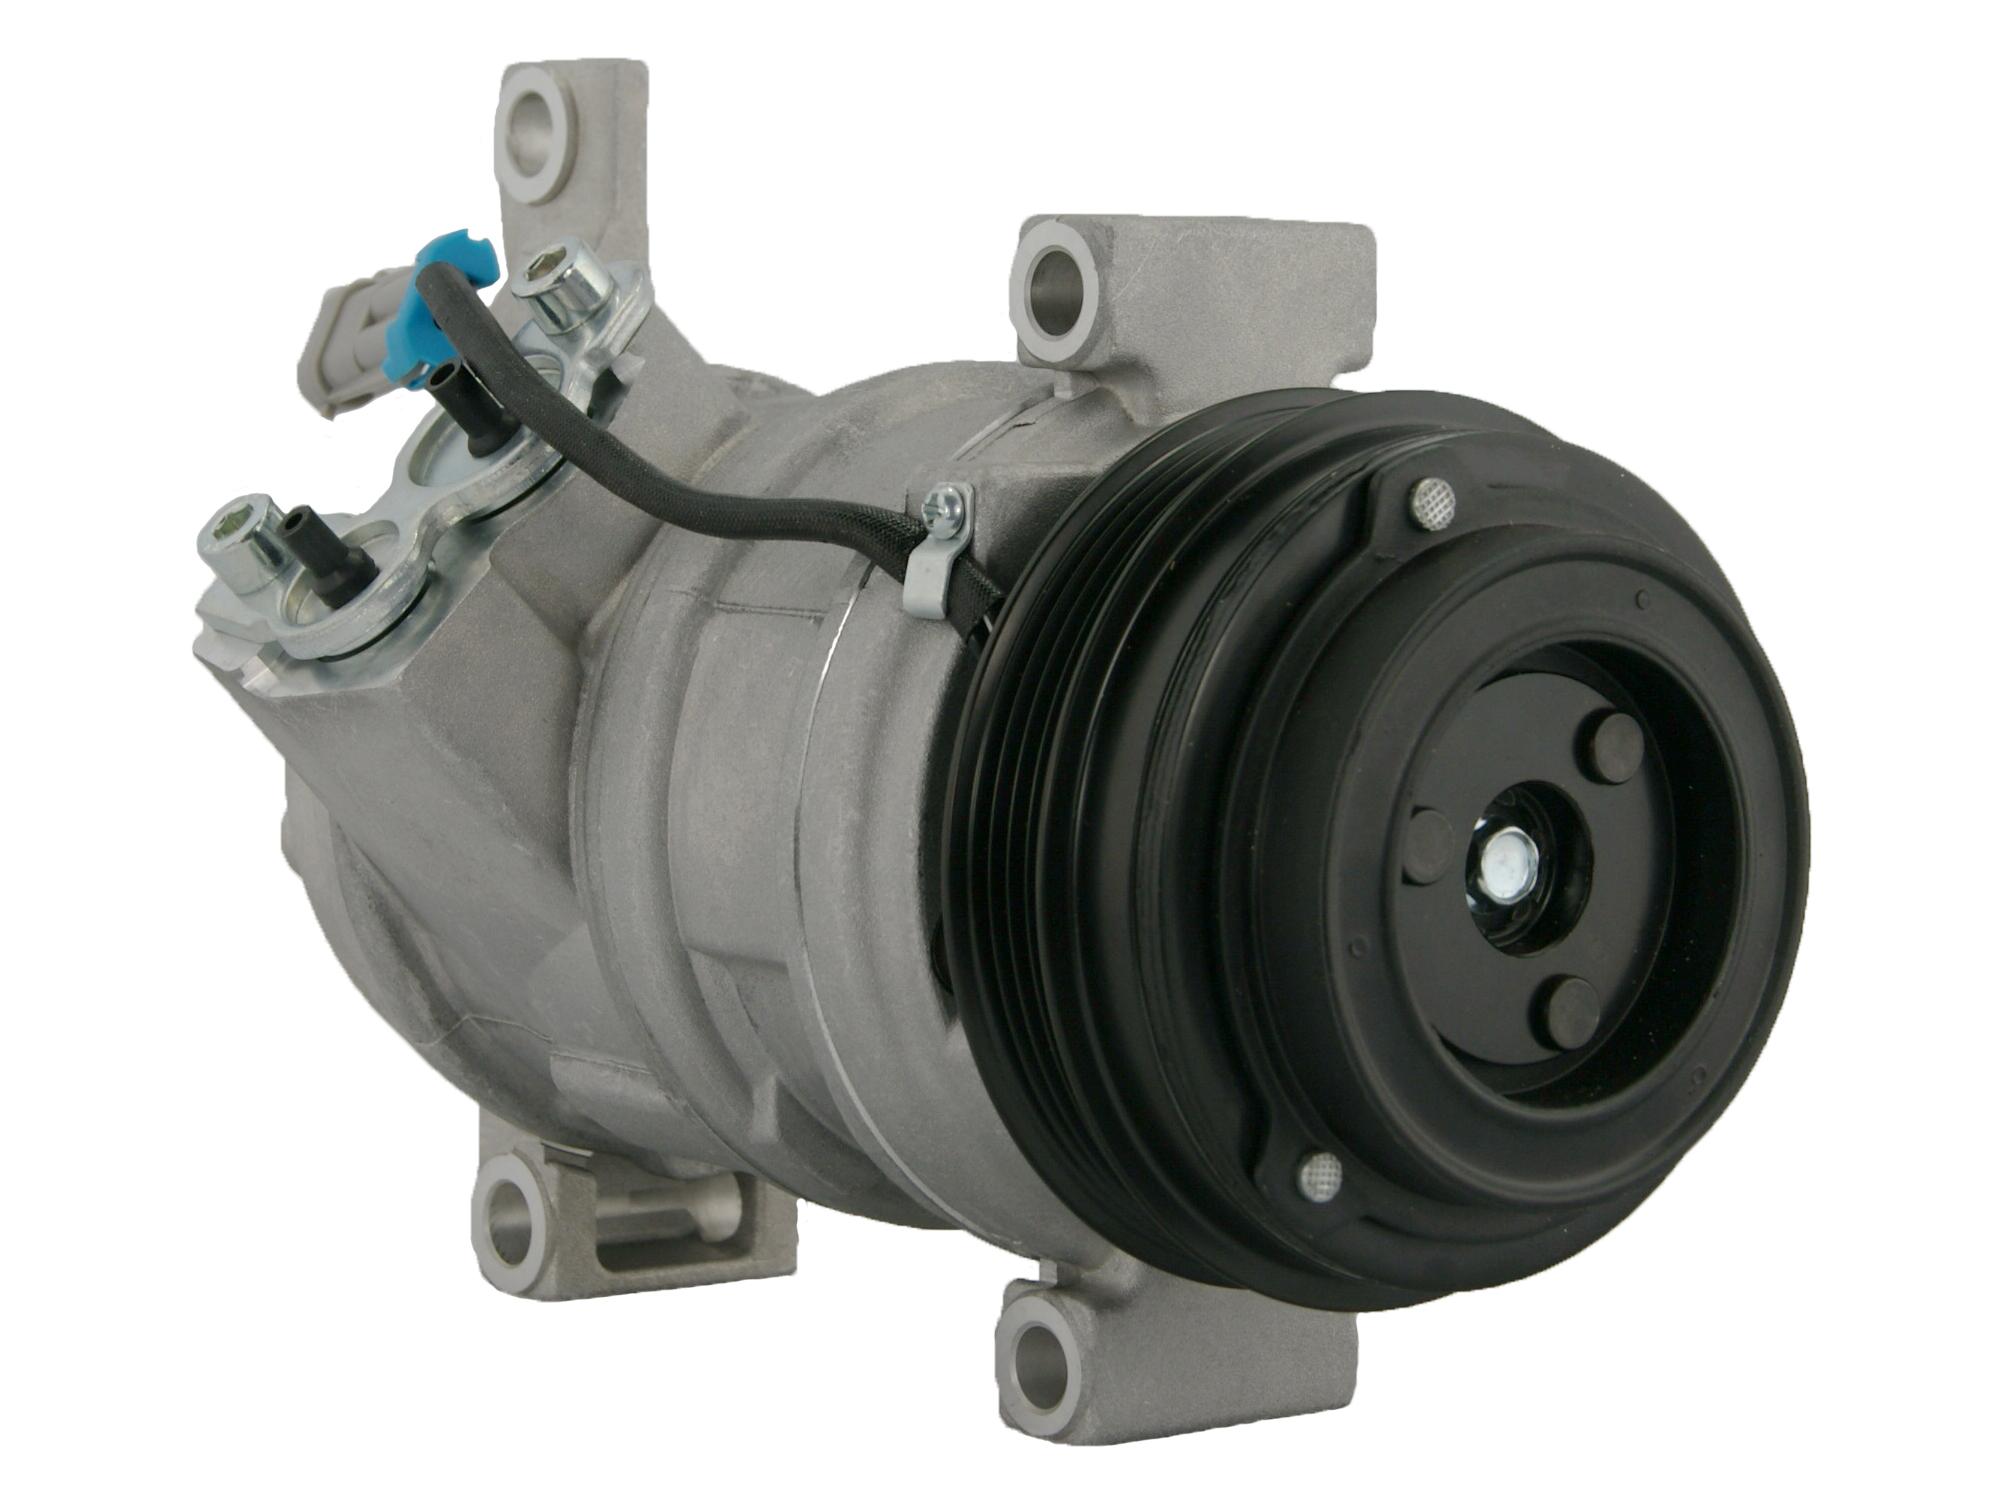 CADILLAC air compressor